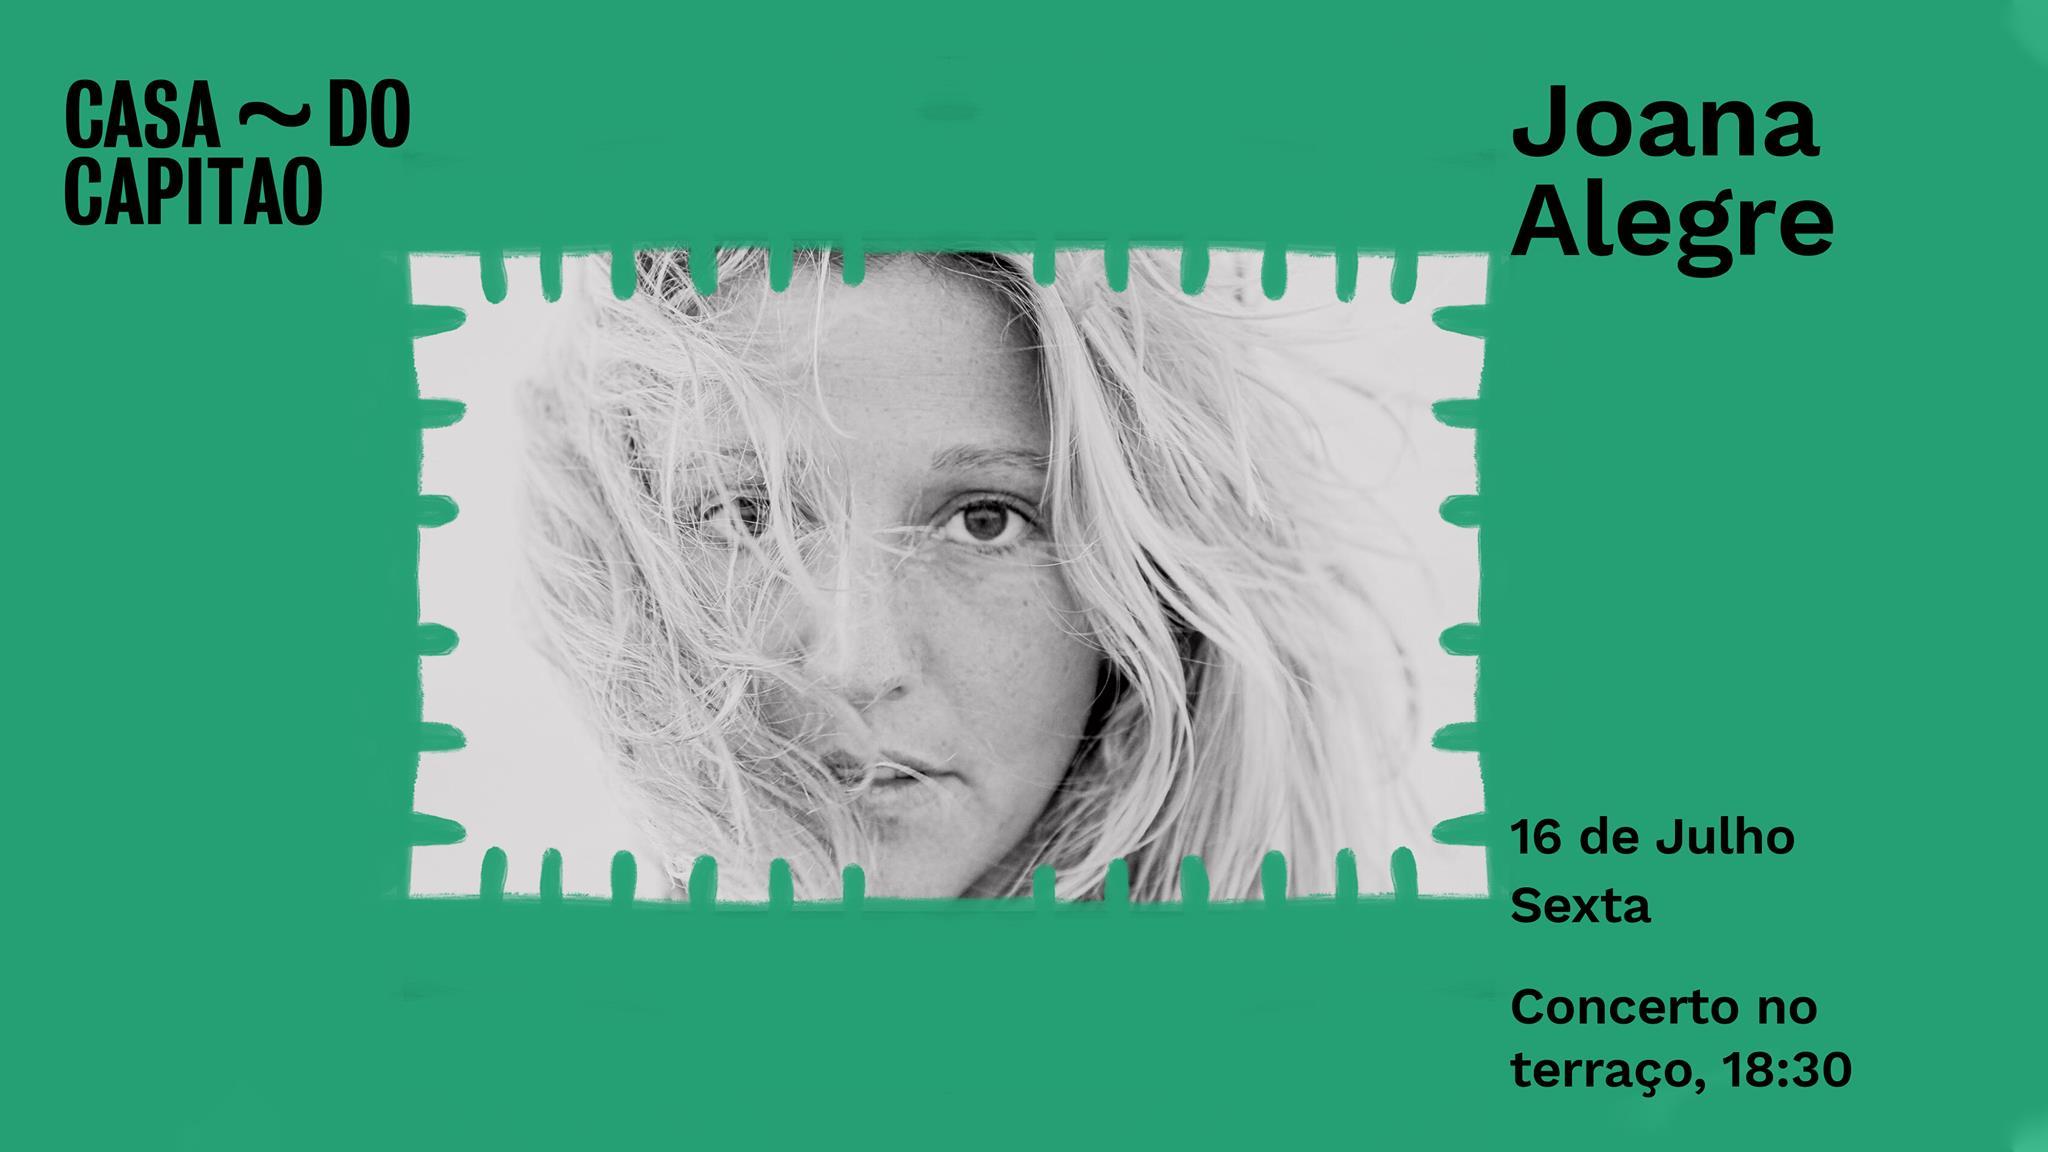 Joana Alegre • concerto no terraço